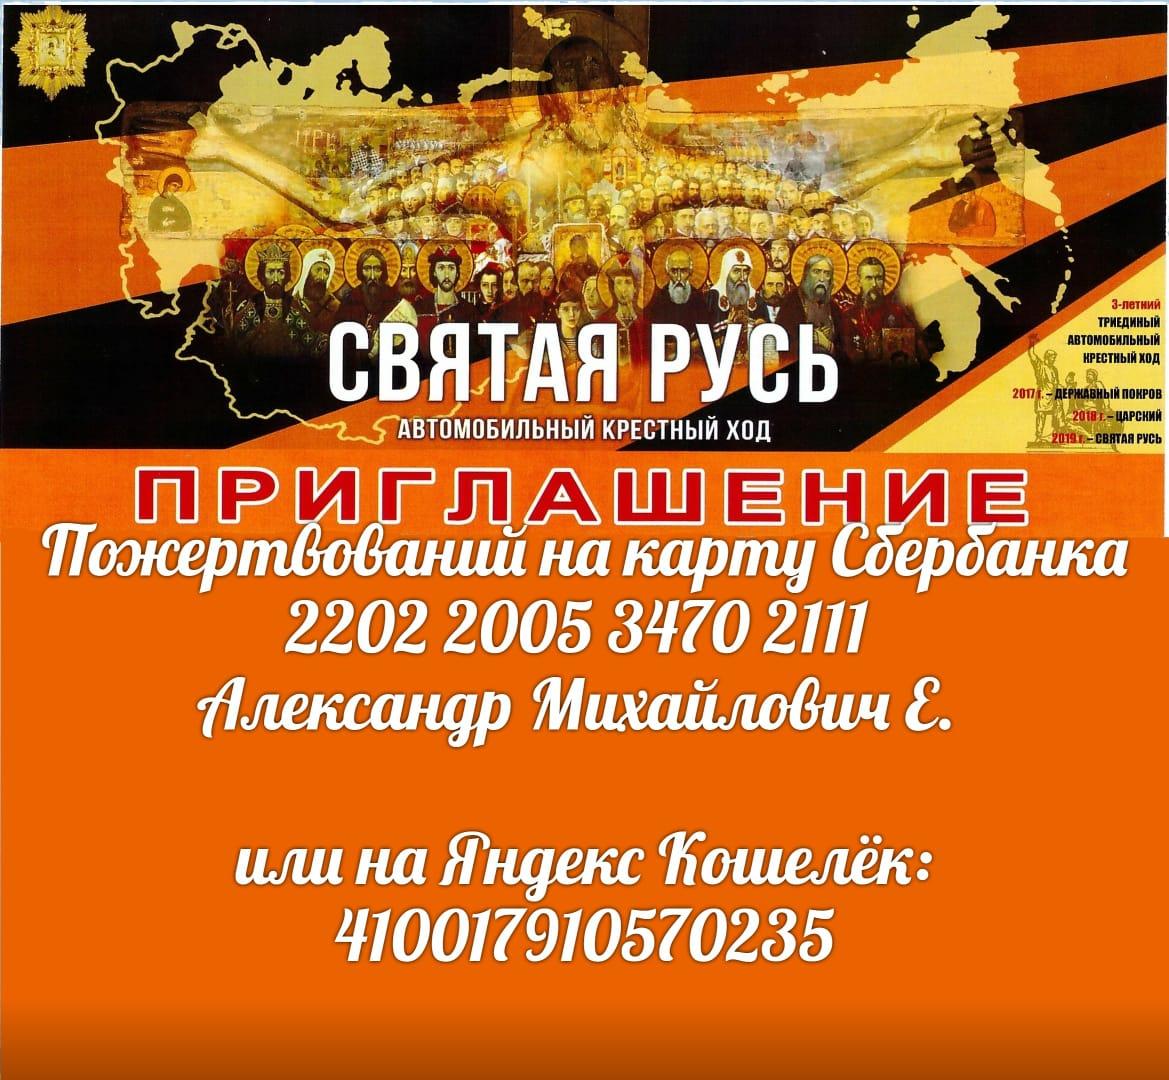 """Автомобильный Крестный ход """"Святая Русь"""": 52 и 53 дни пути. Курган, Челябинск."""